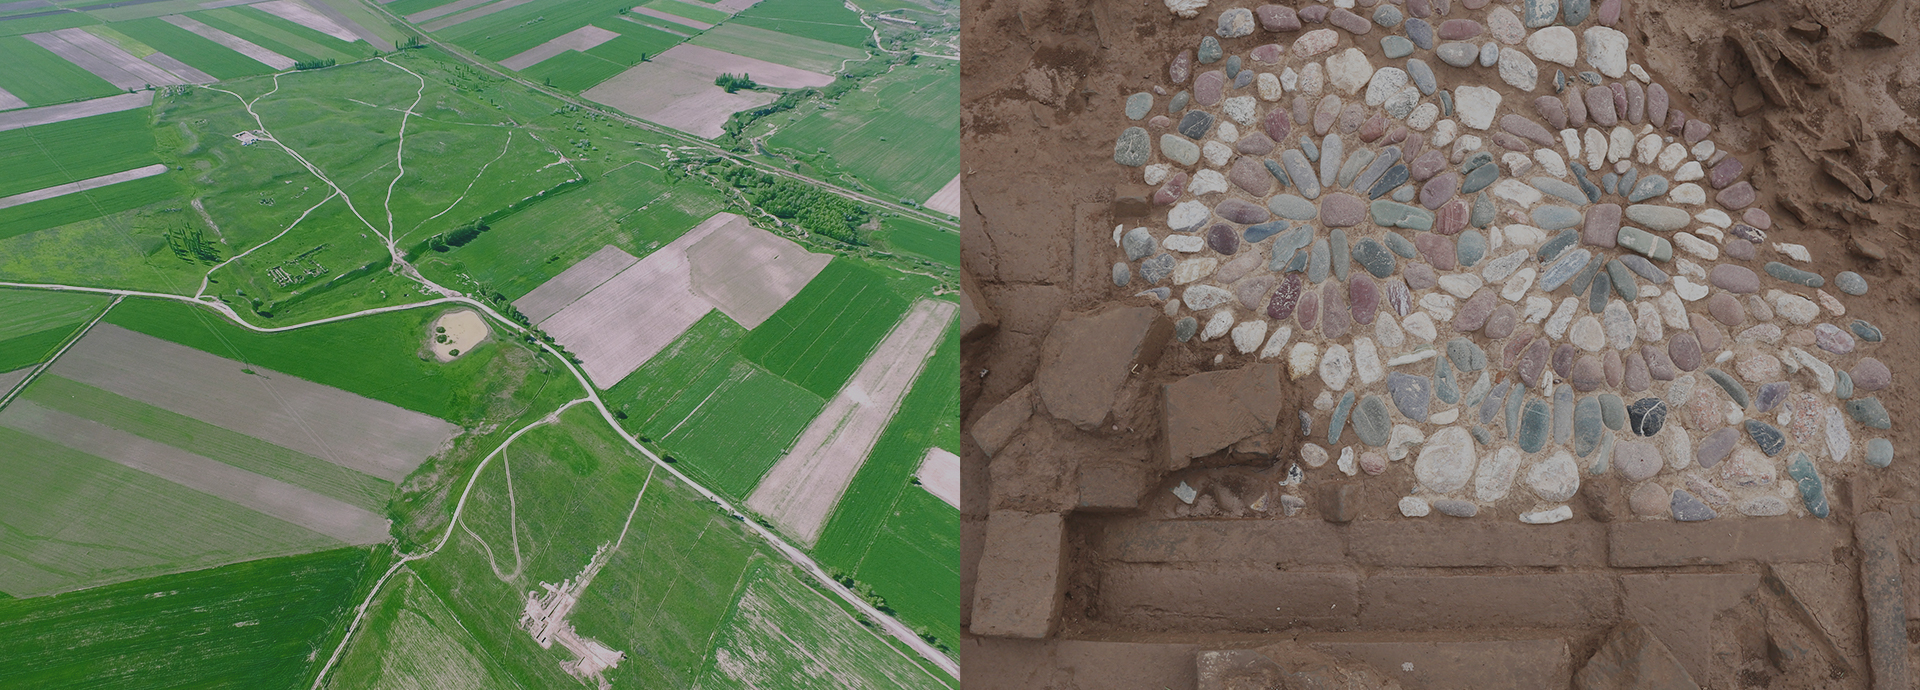 東と西が交わるシルクロードの交易都市アク・ベシム遺跡の文化遺産を調査